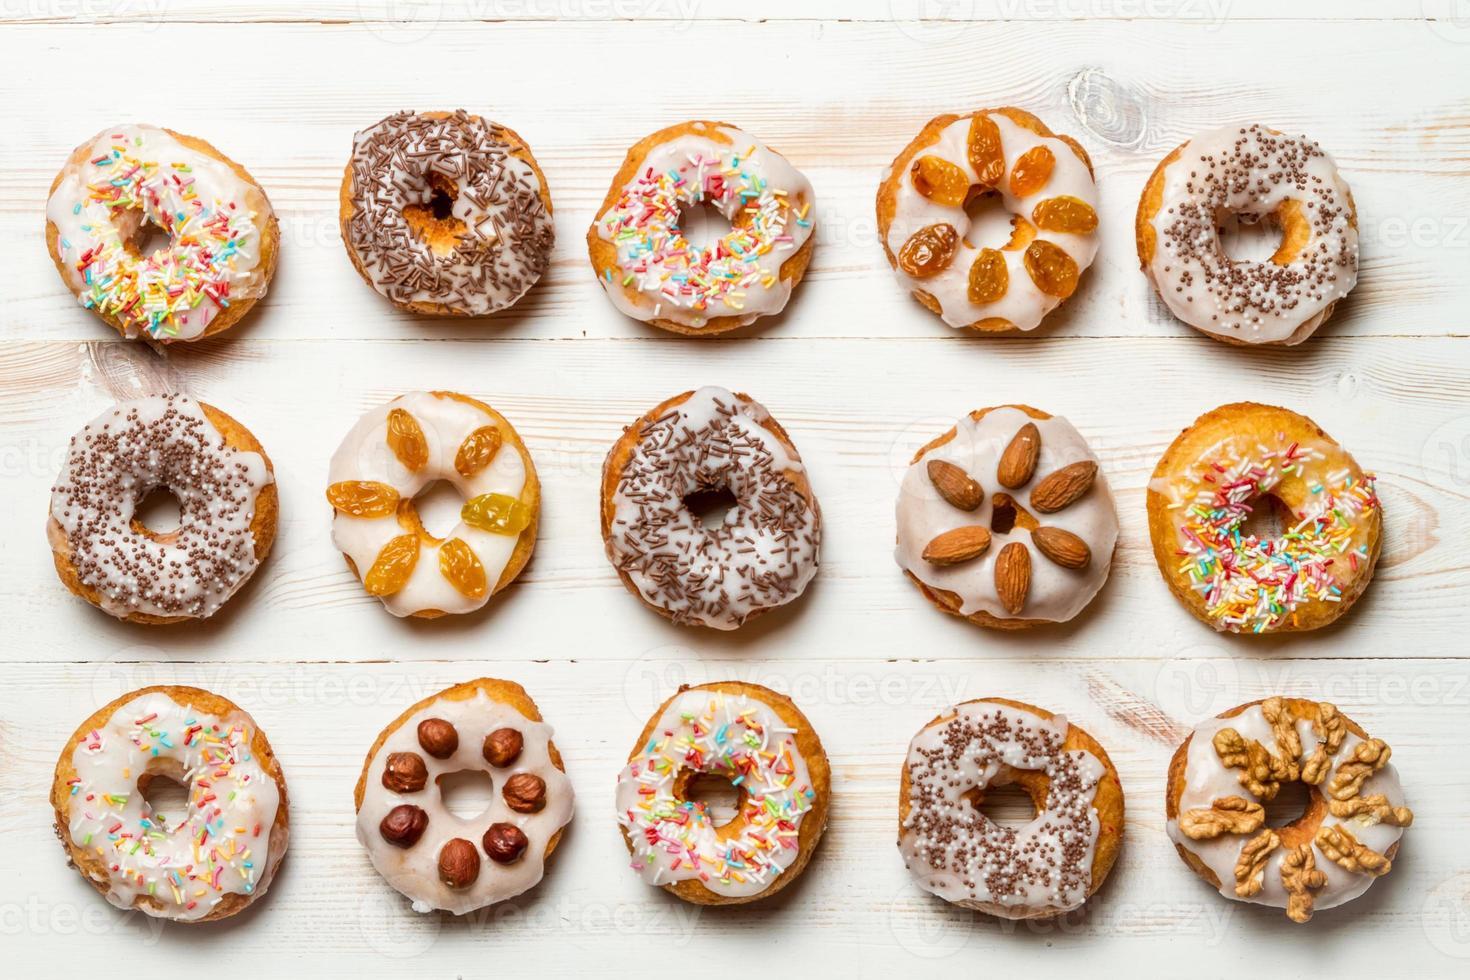 groupe de beignets colorés photo